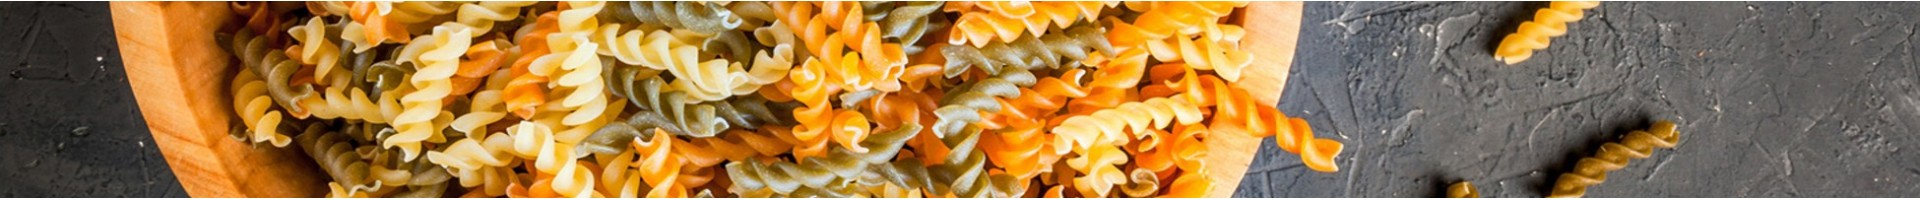 Pasta Tricolor: Pasta de Colores y mucho más | La Finestra